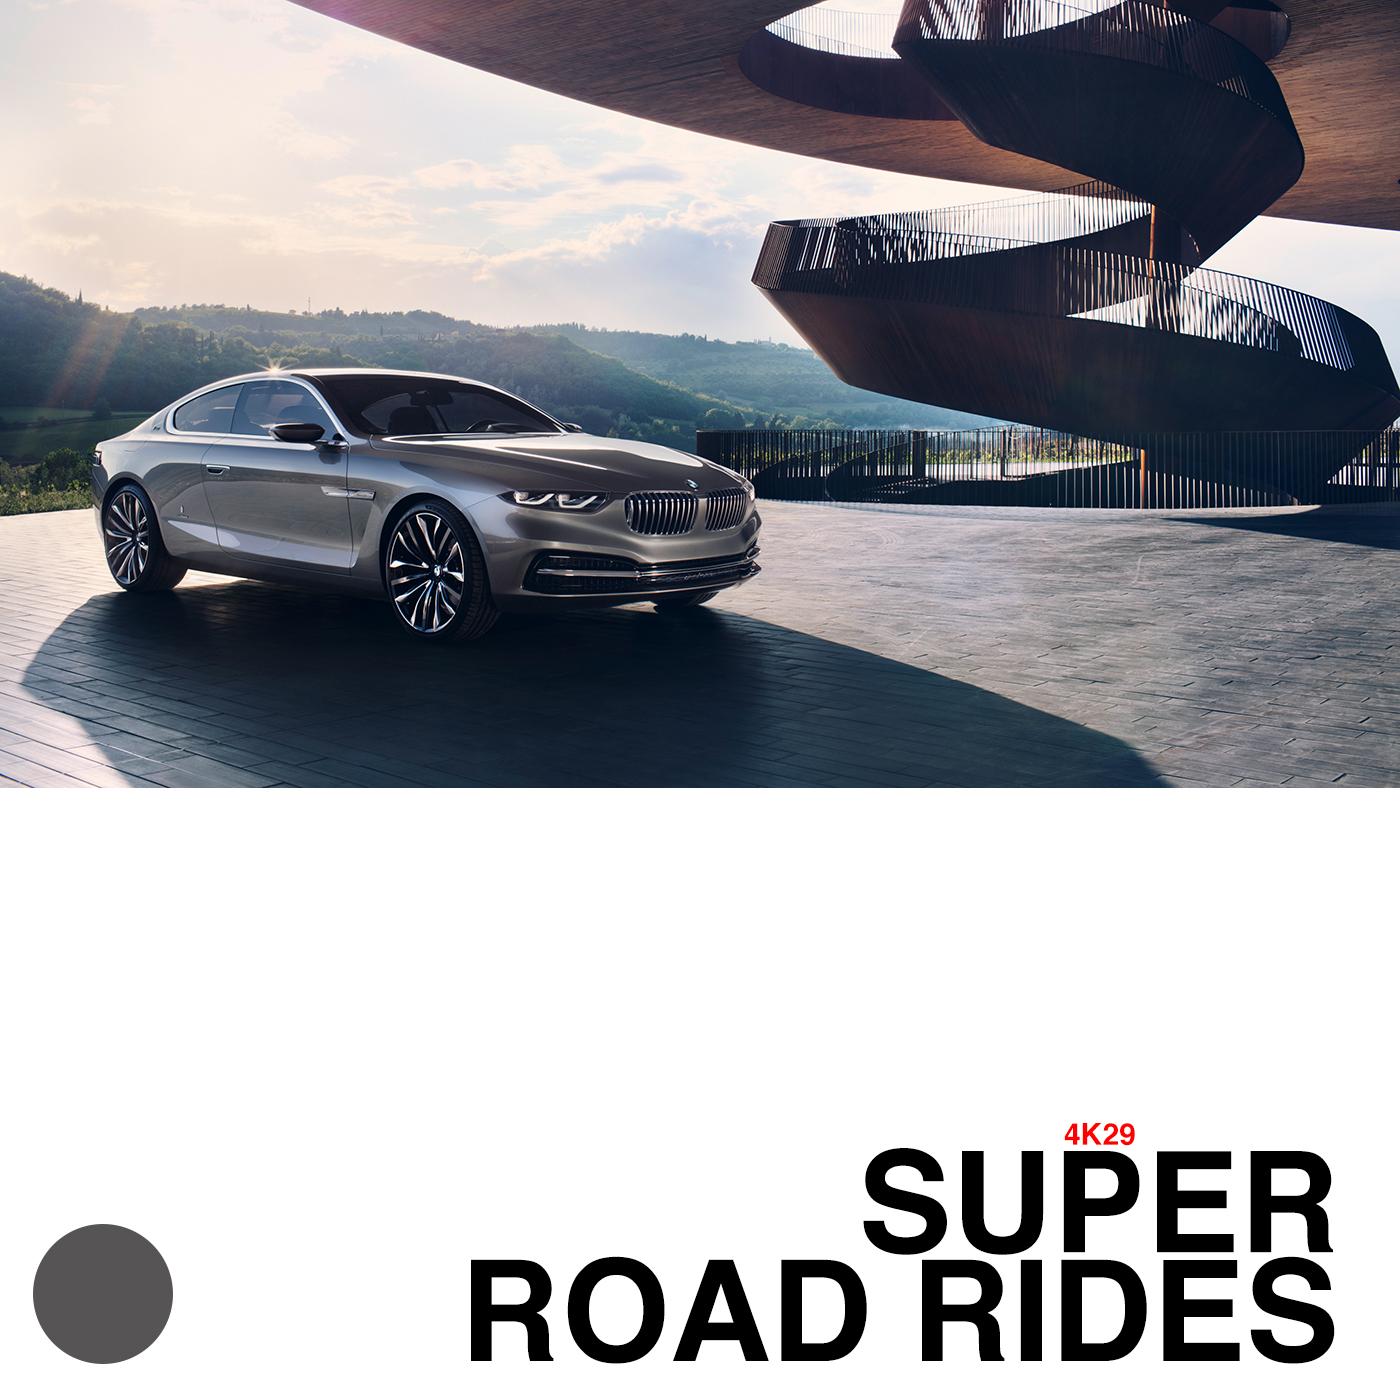 SUPER ROAD RIDES 4K29